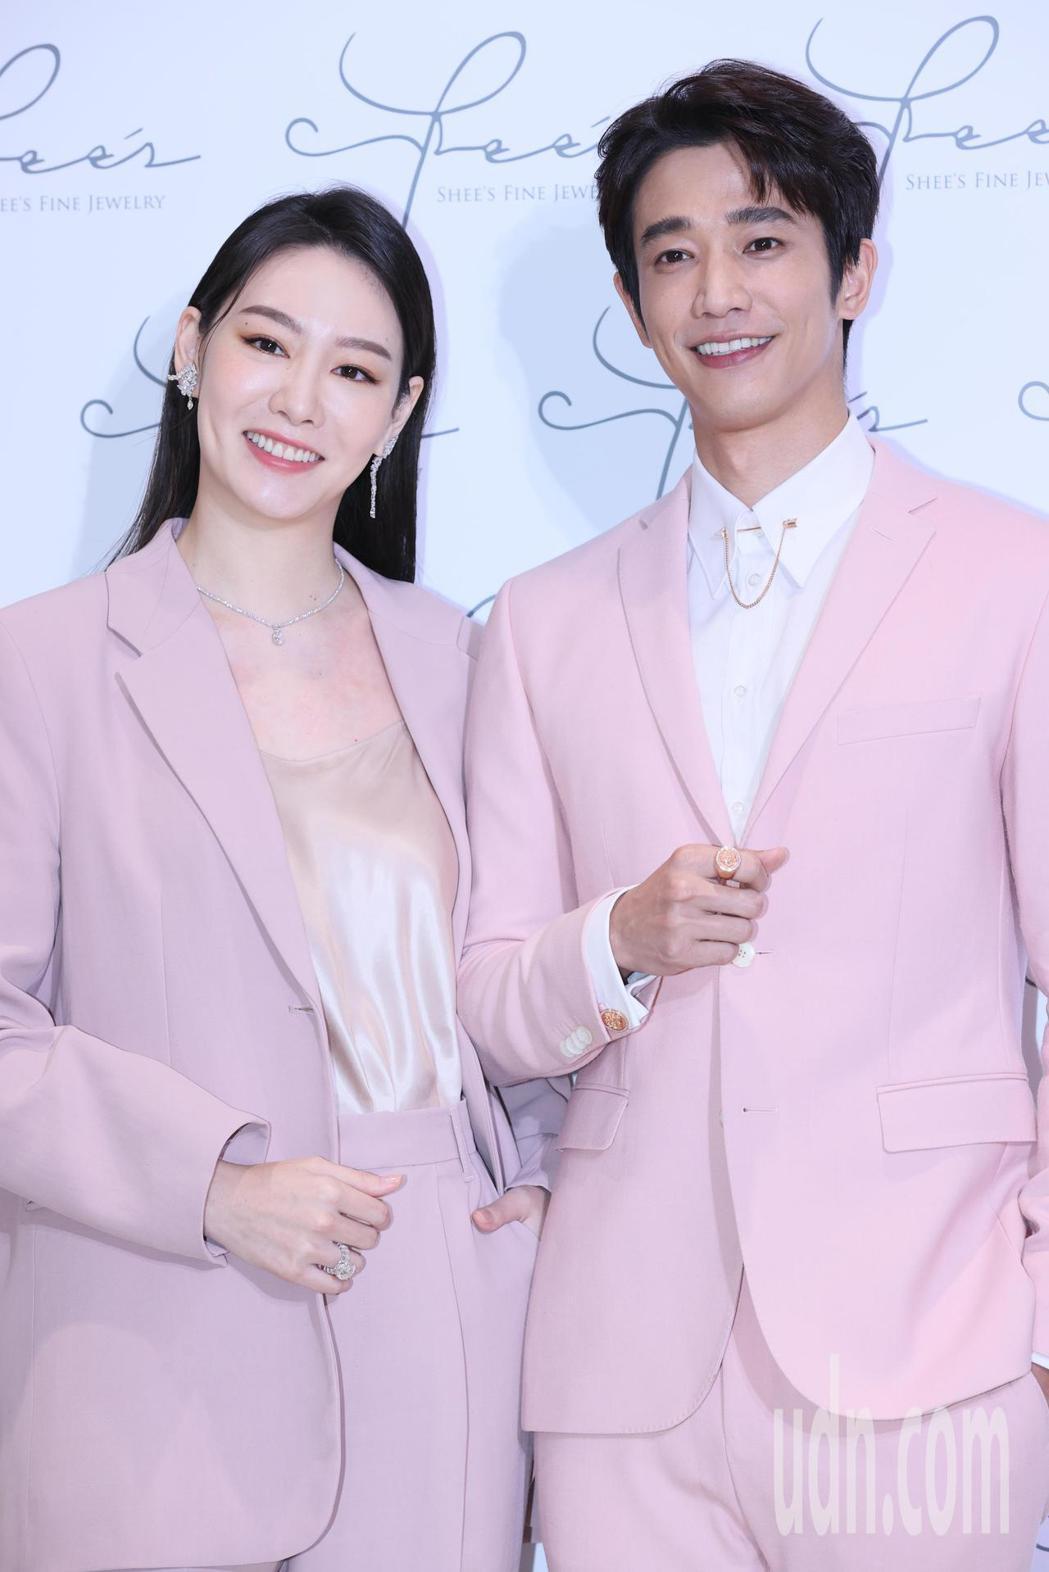 藝人劉以豪(右)代言侍好珠寶,他以一身粉色西裝搭配領扣、袖扣等各式珠寶亮相,與創...